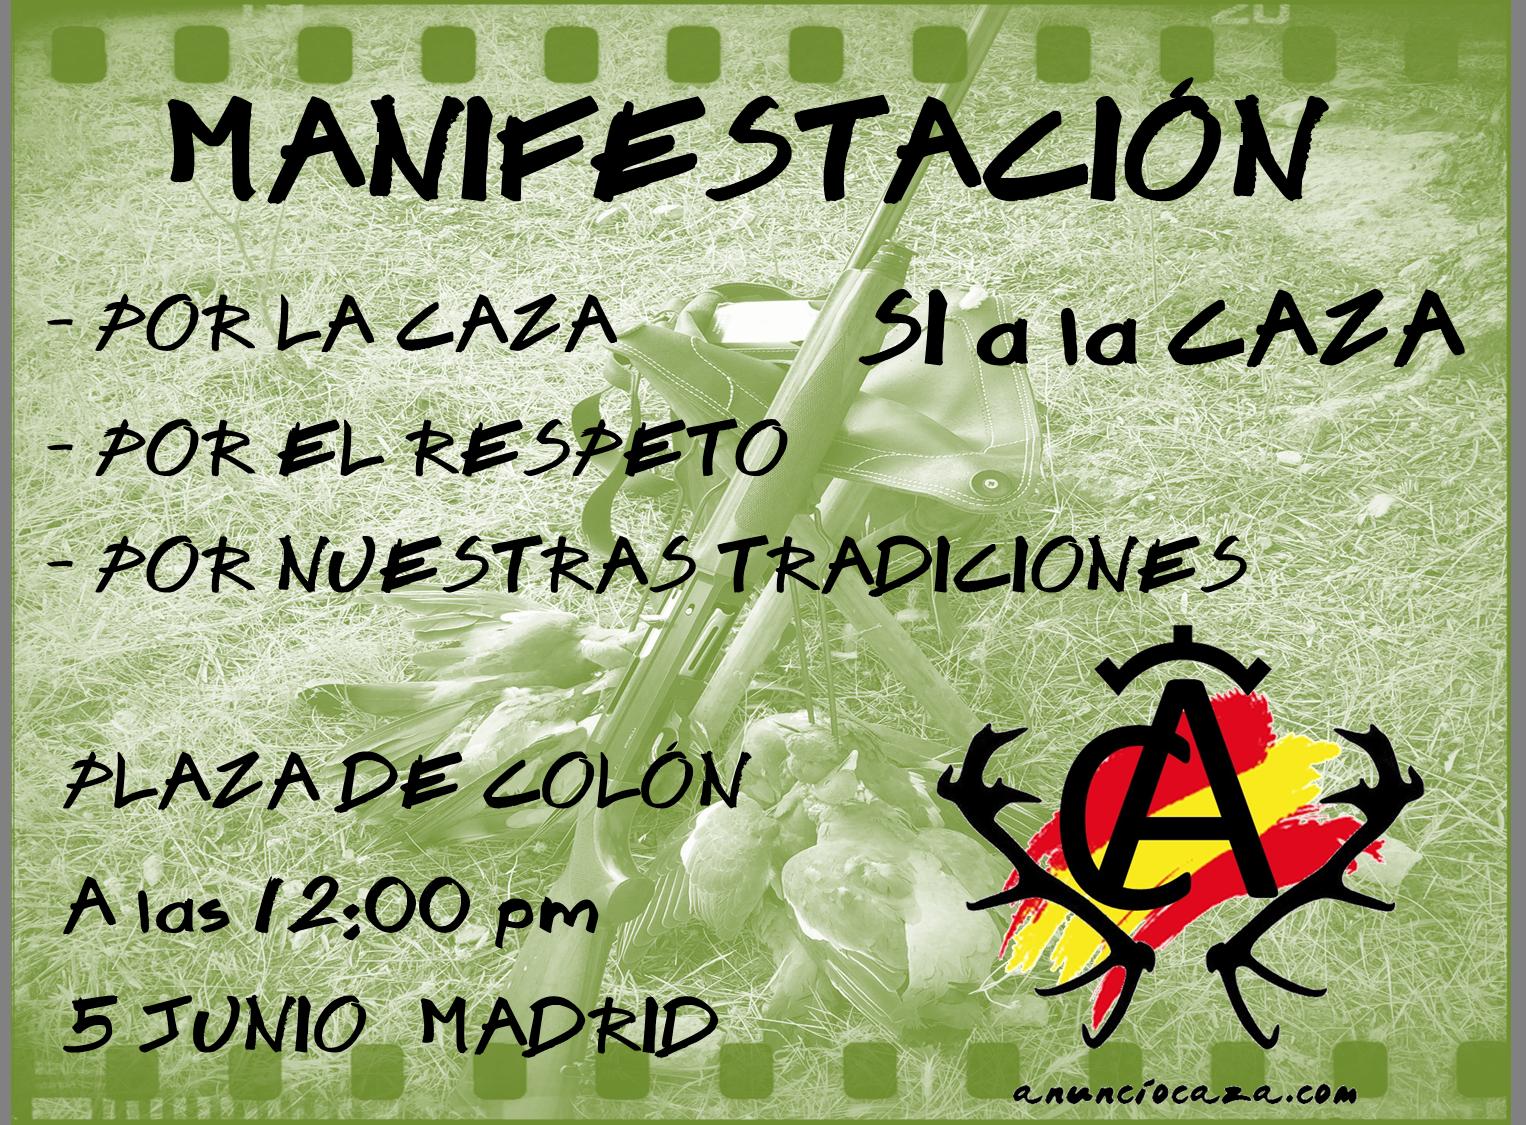 Manifestación 5 Junio Plaza de Colón MADRID